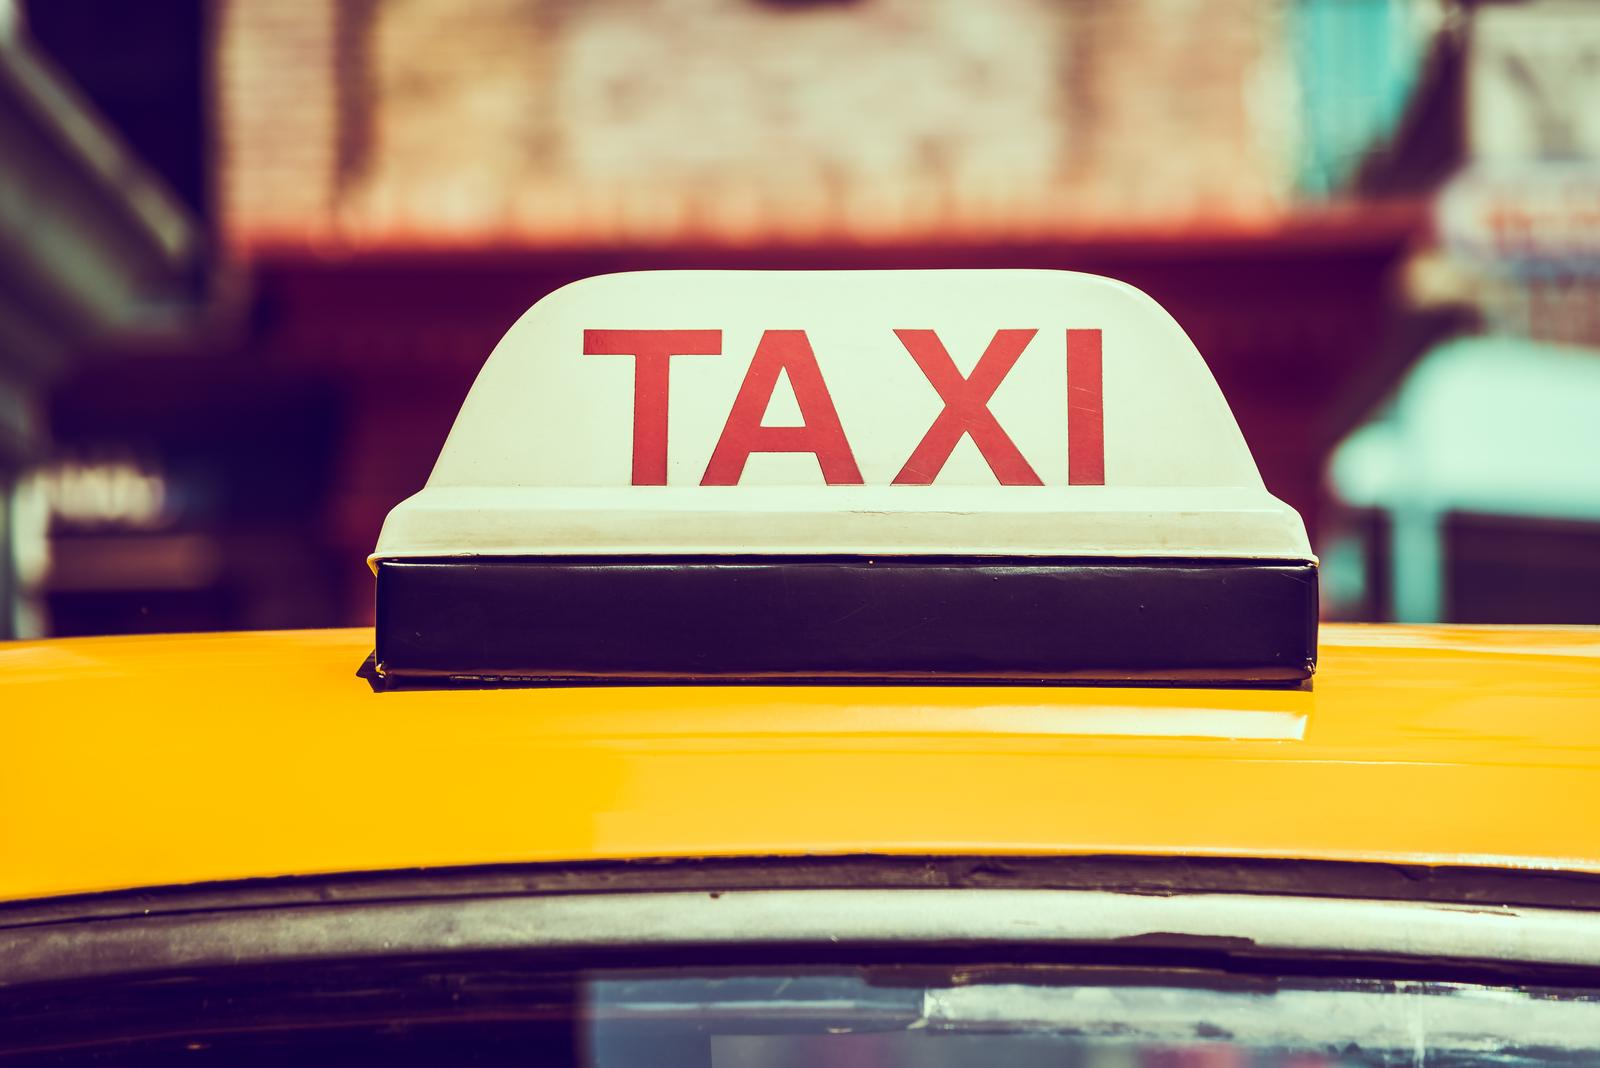 Taxi operation in Tallinn